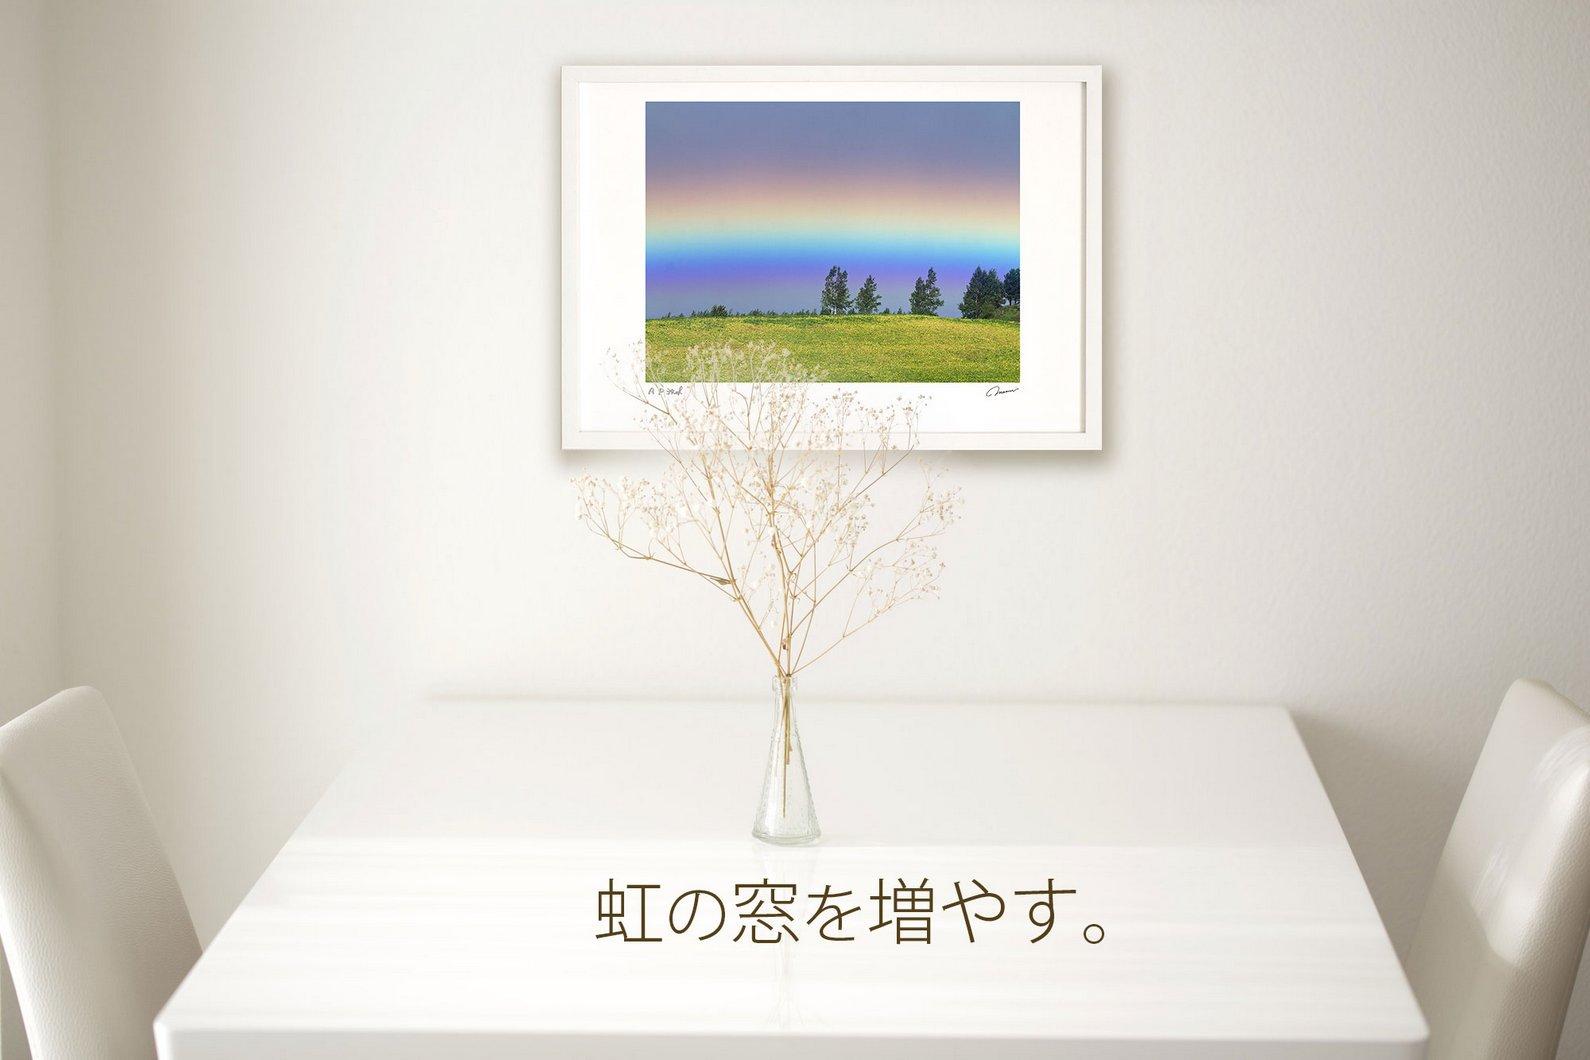 《アートフォト》春よ恋の木の朝日2/富良野市〔富良野・高橋真澄〕(レンタル対象)